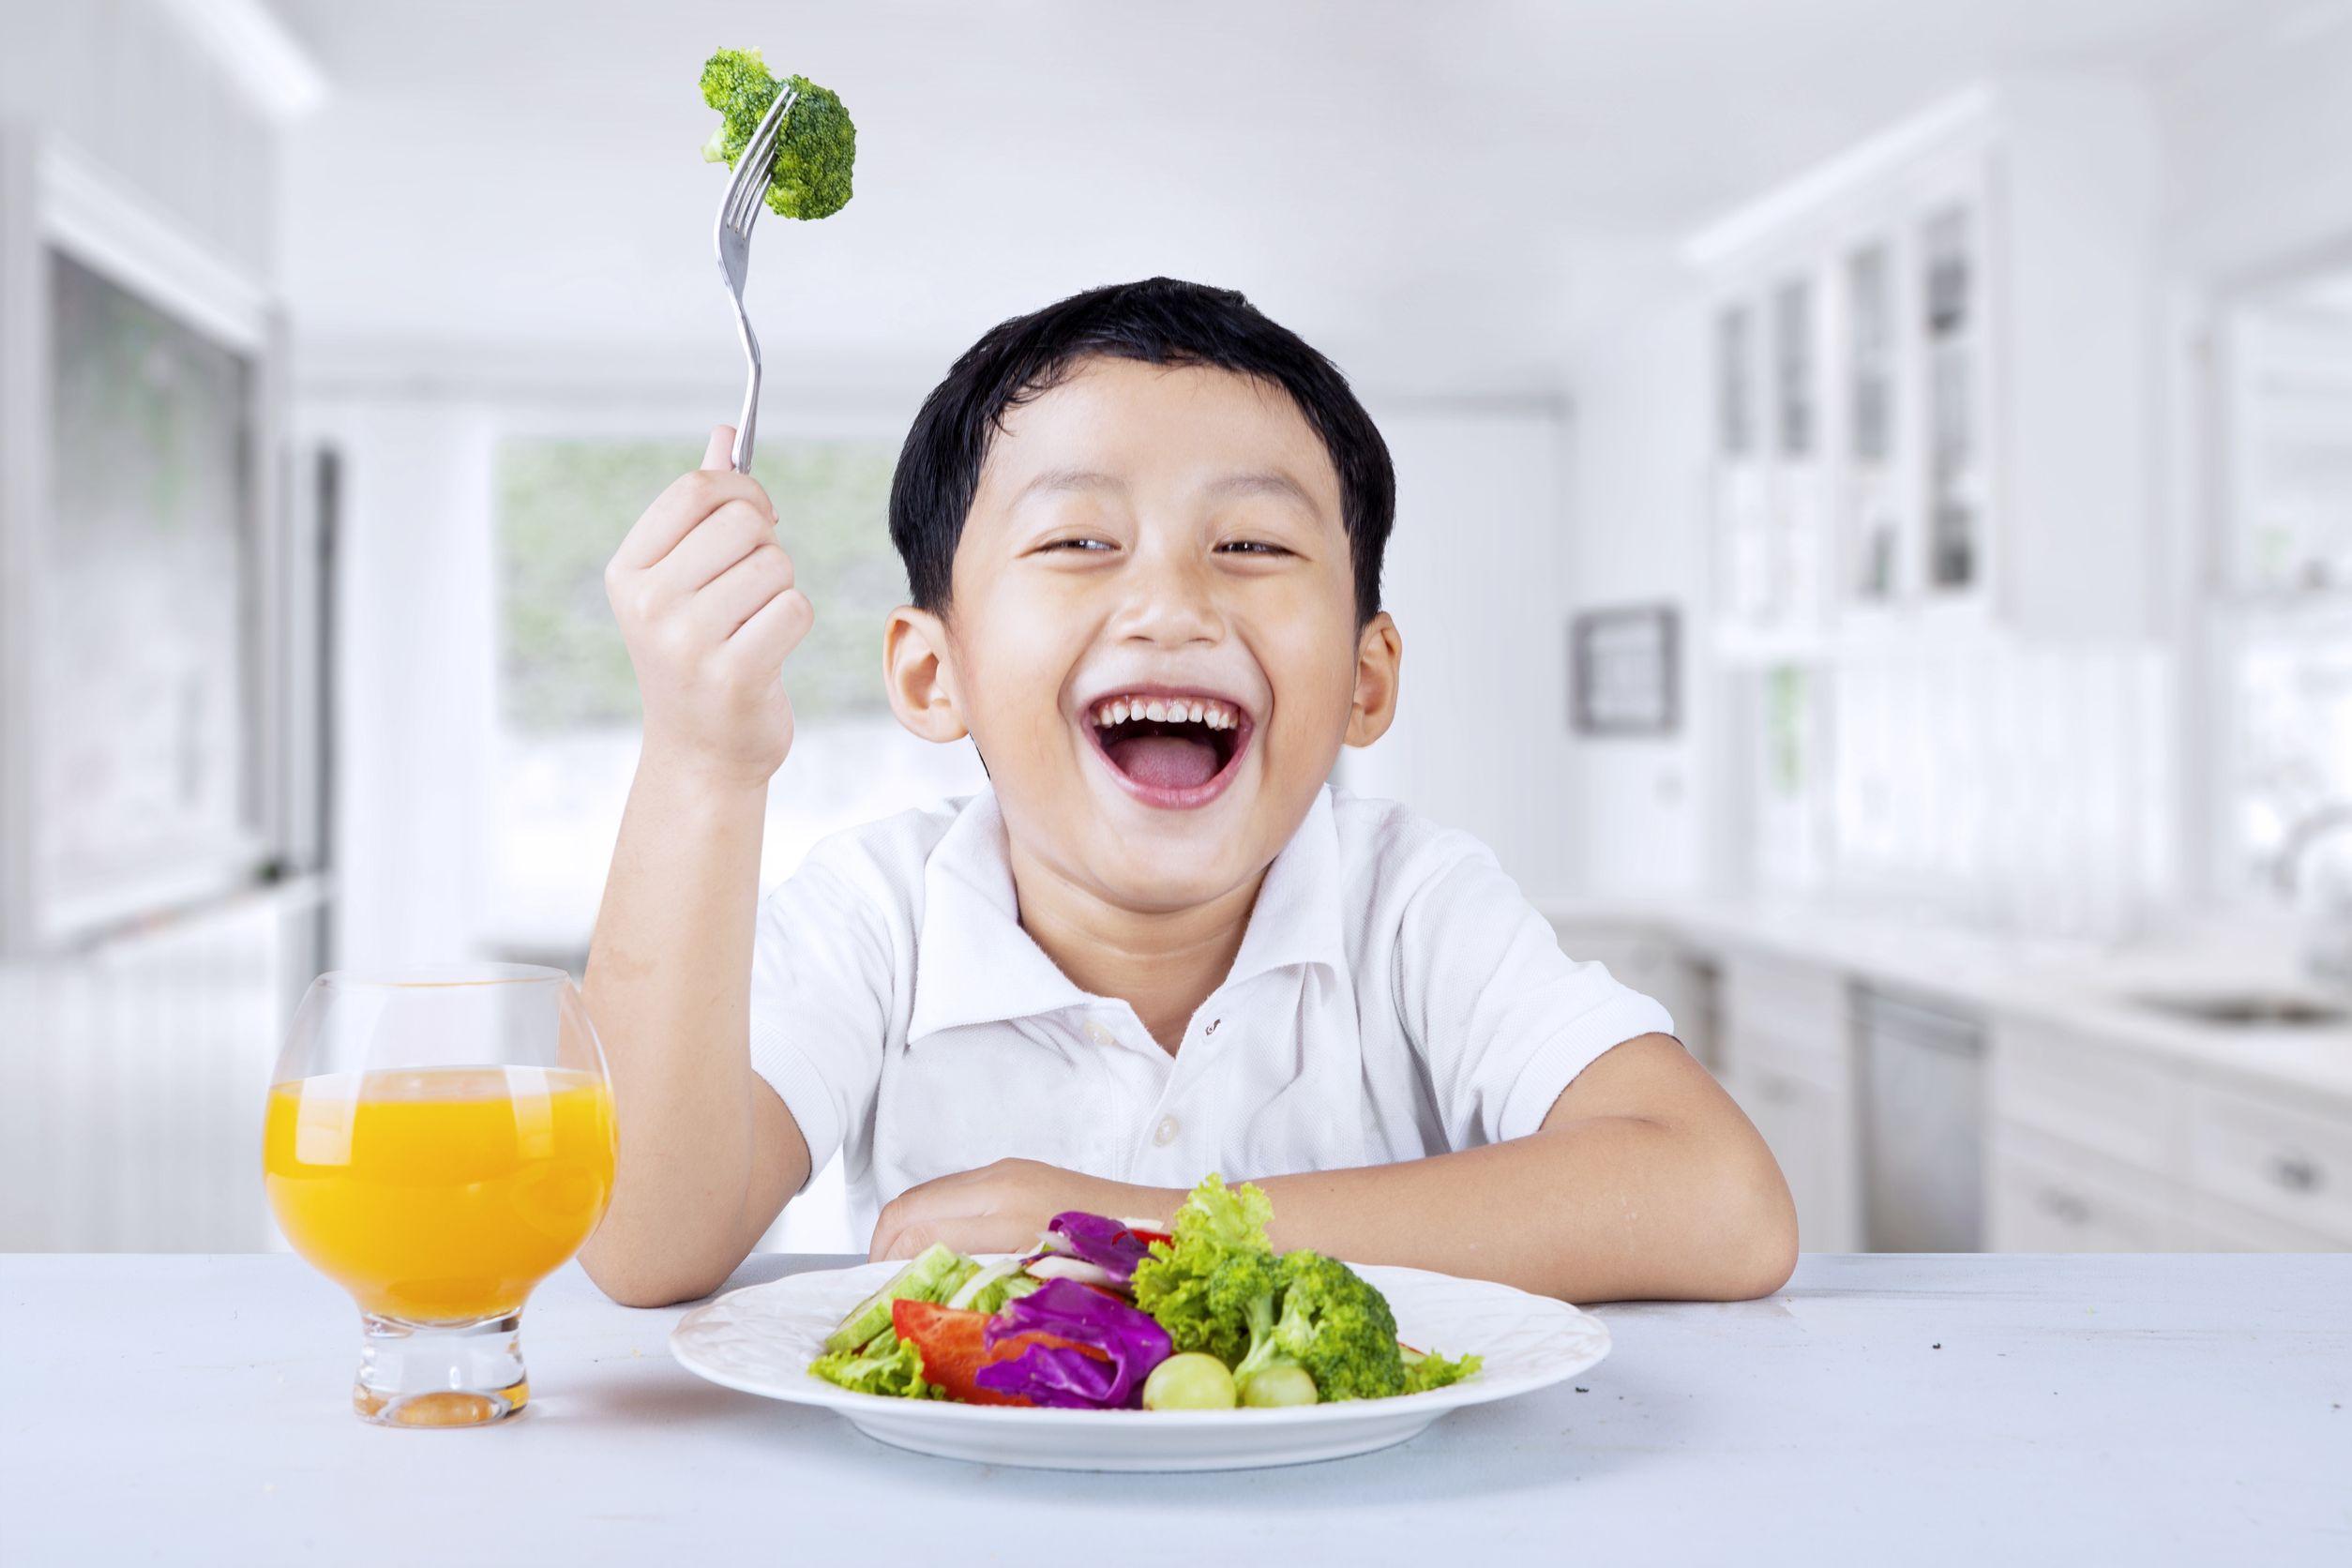 anak makan sayur